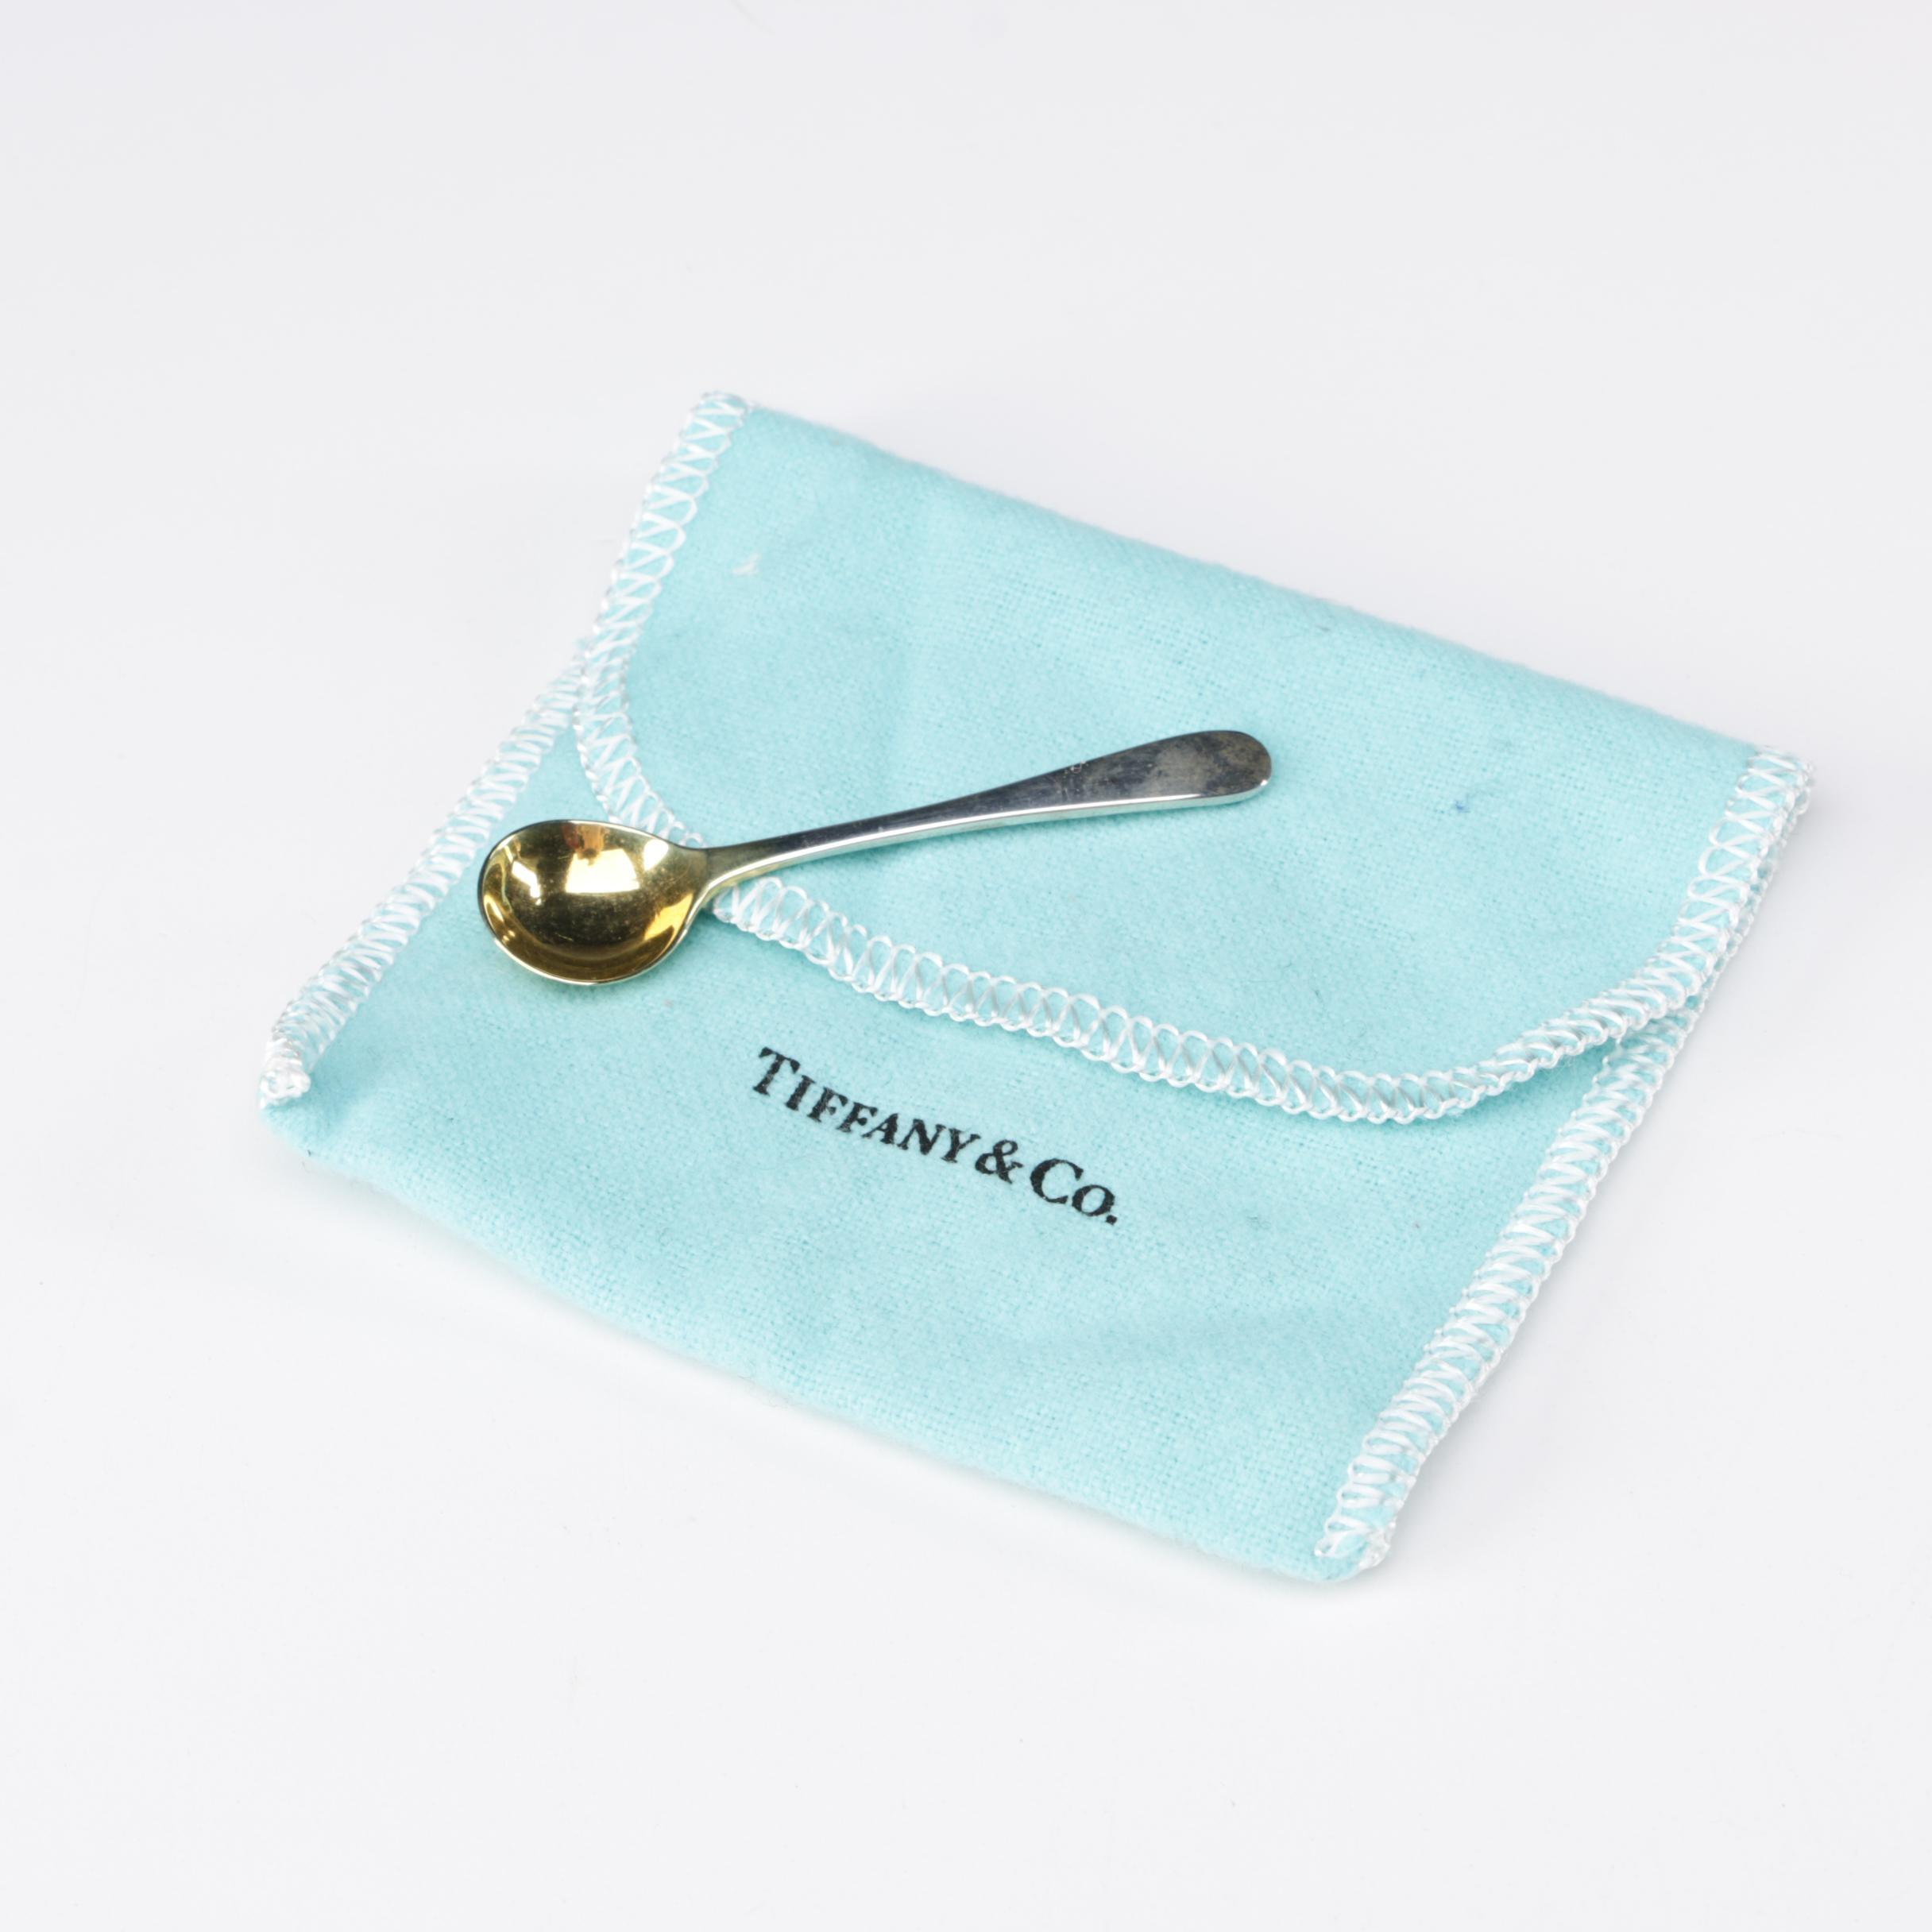 Tiffany & Co. of London Sterling Silver Salt Spoon, 1964